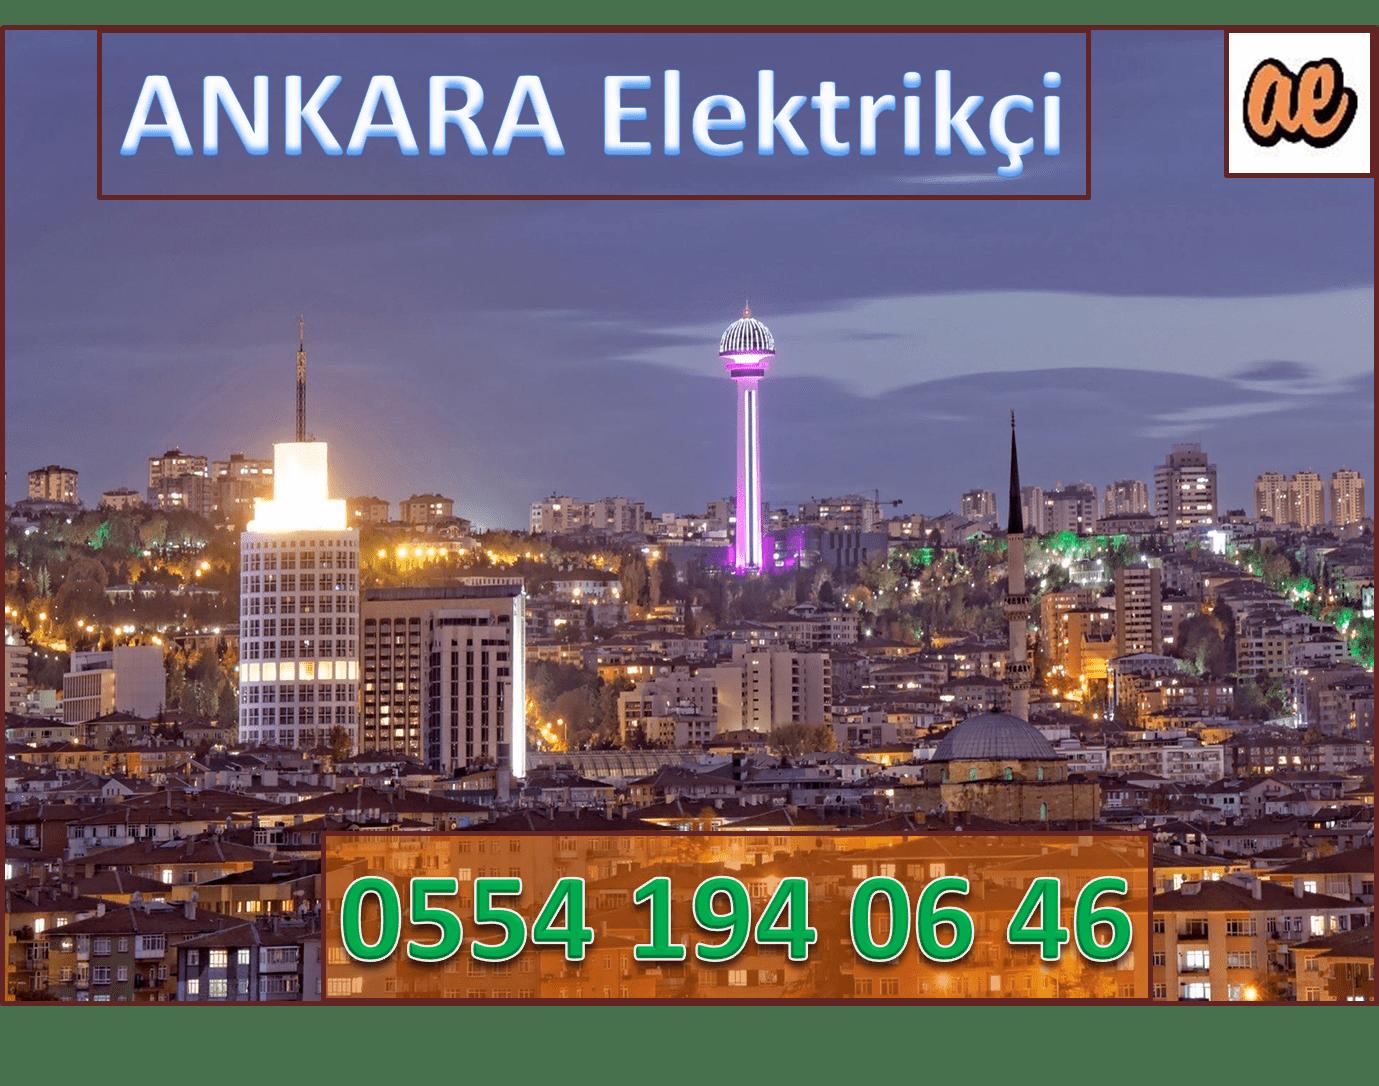 Elektrikçi, Ankara-Elektrikçi-Ankara-Elektrikçileri-Ankara-Elektrik-Ustası-Ankara-Elektrik-Tamircisi-Ankara-Acil-Elektrikçi-Ankara-En-Yakın-Elektrikçi.